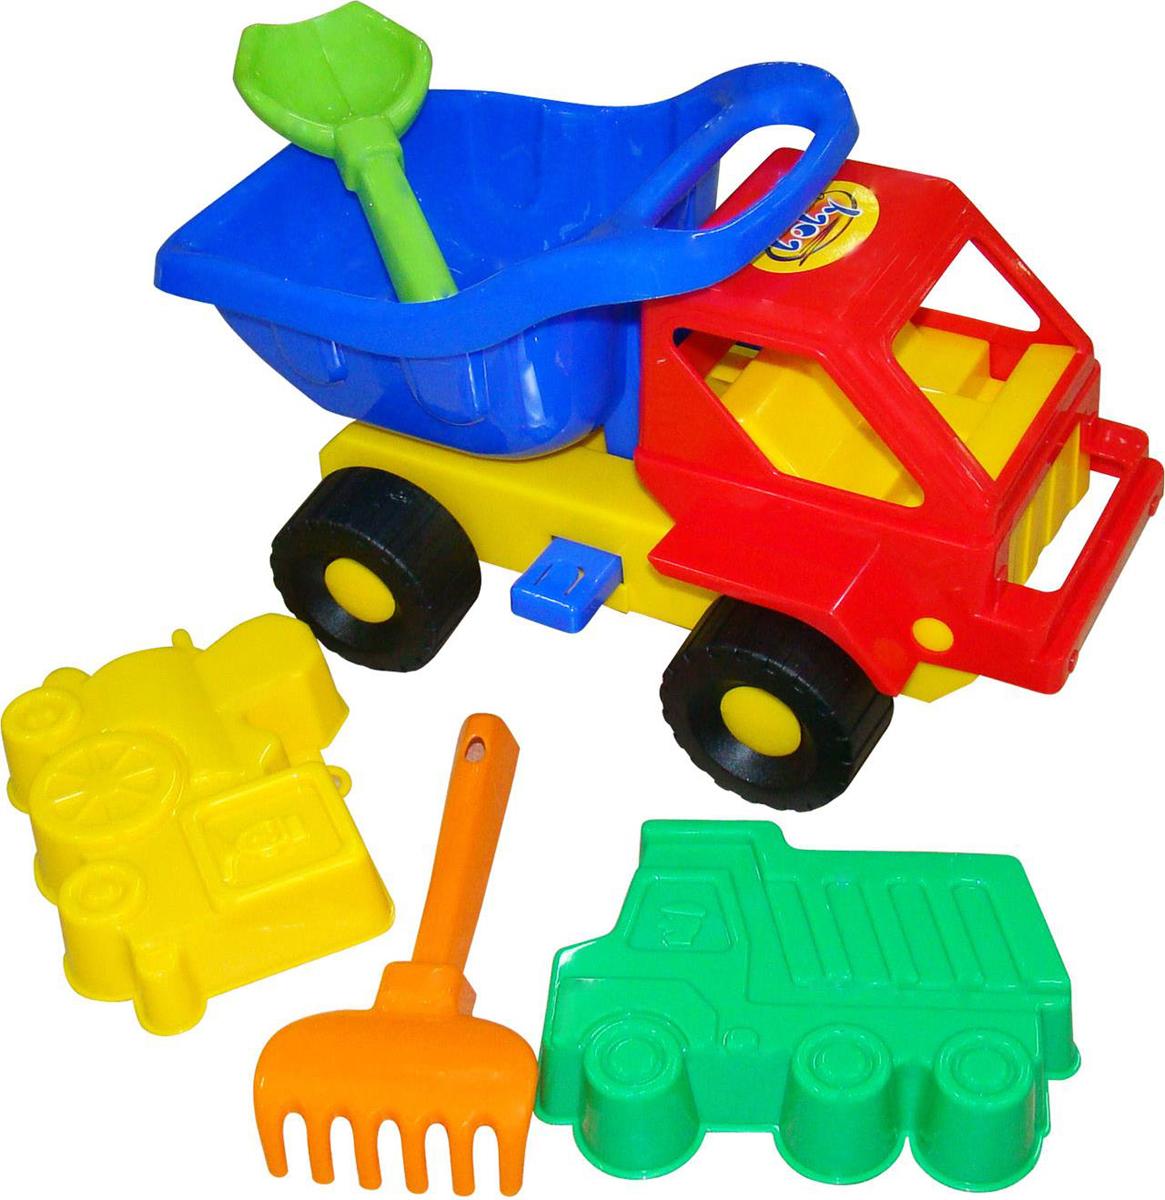 Полесье Набор игрушек для песочницы №41 Кузя-2 набор для песочницы полесье 41 кузя 2